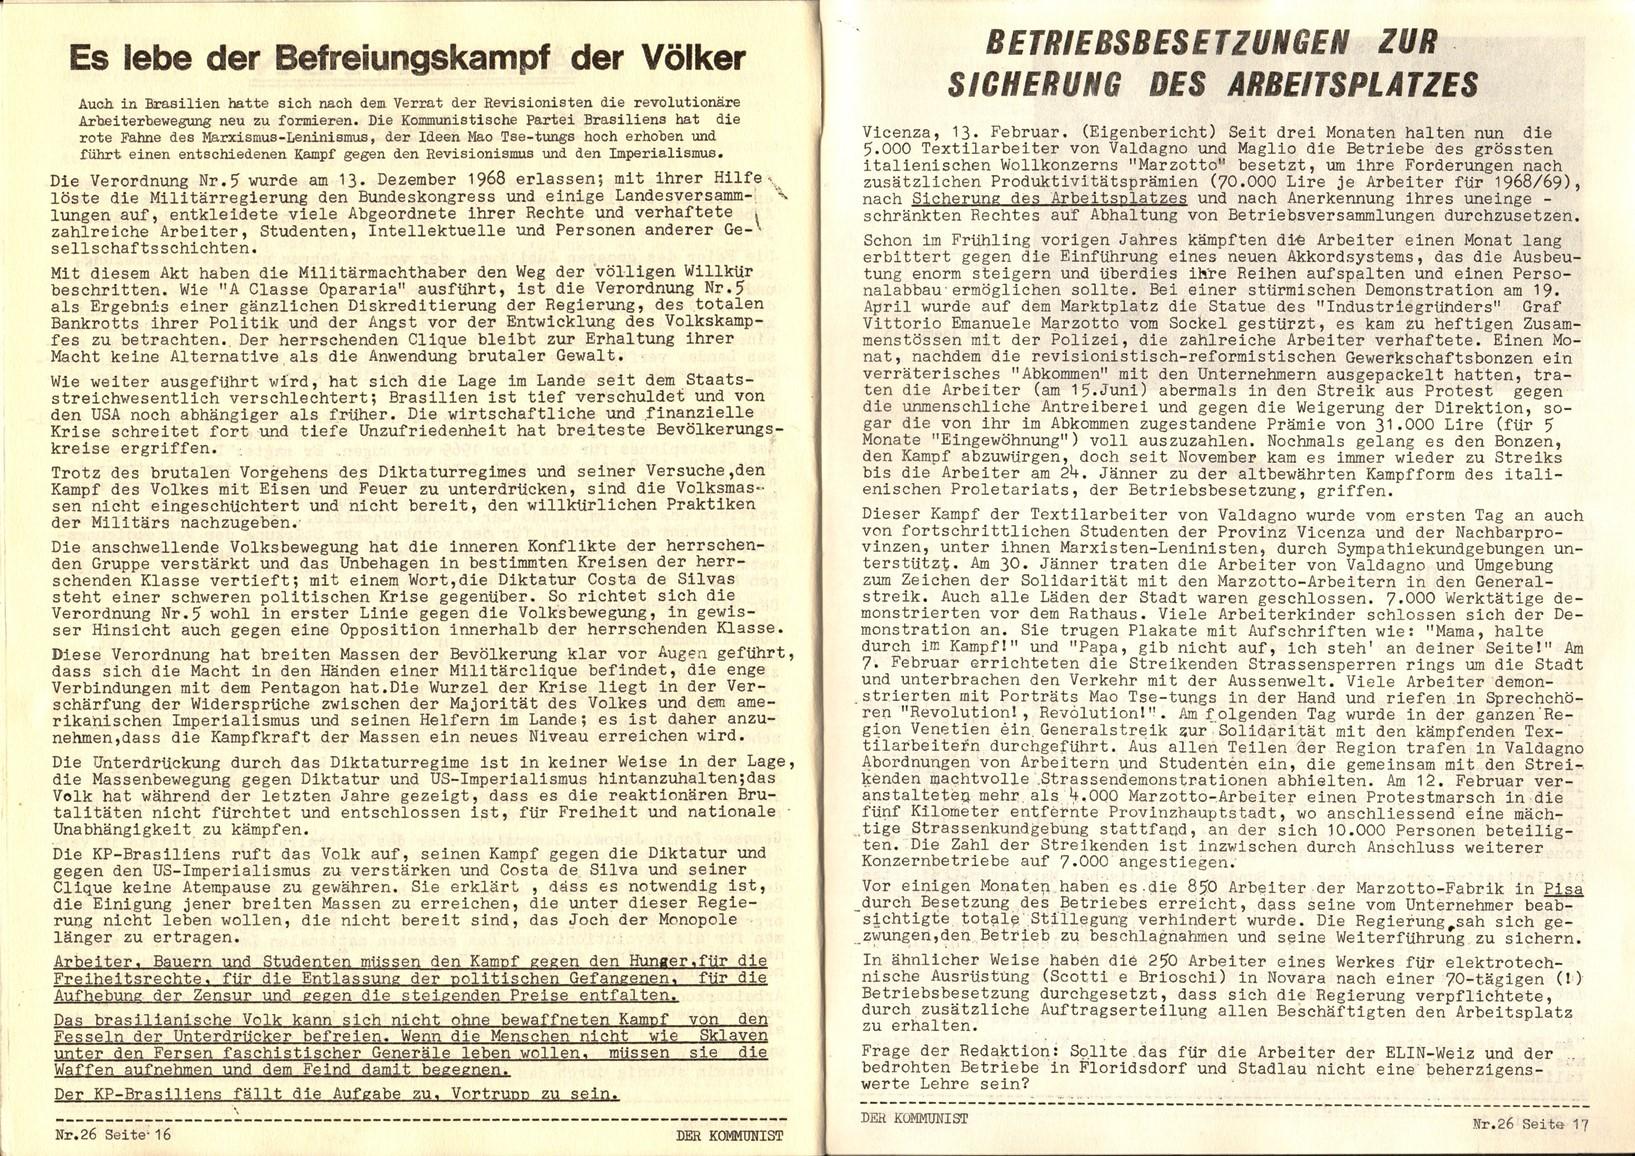 VRA_Der_Kommunist_19690400_09